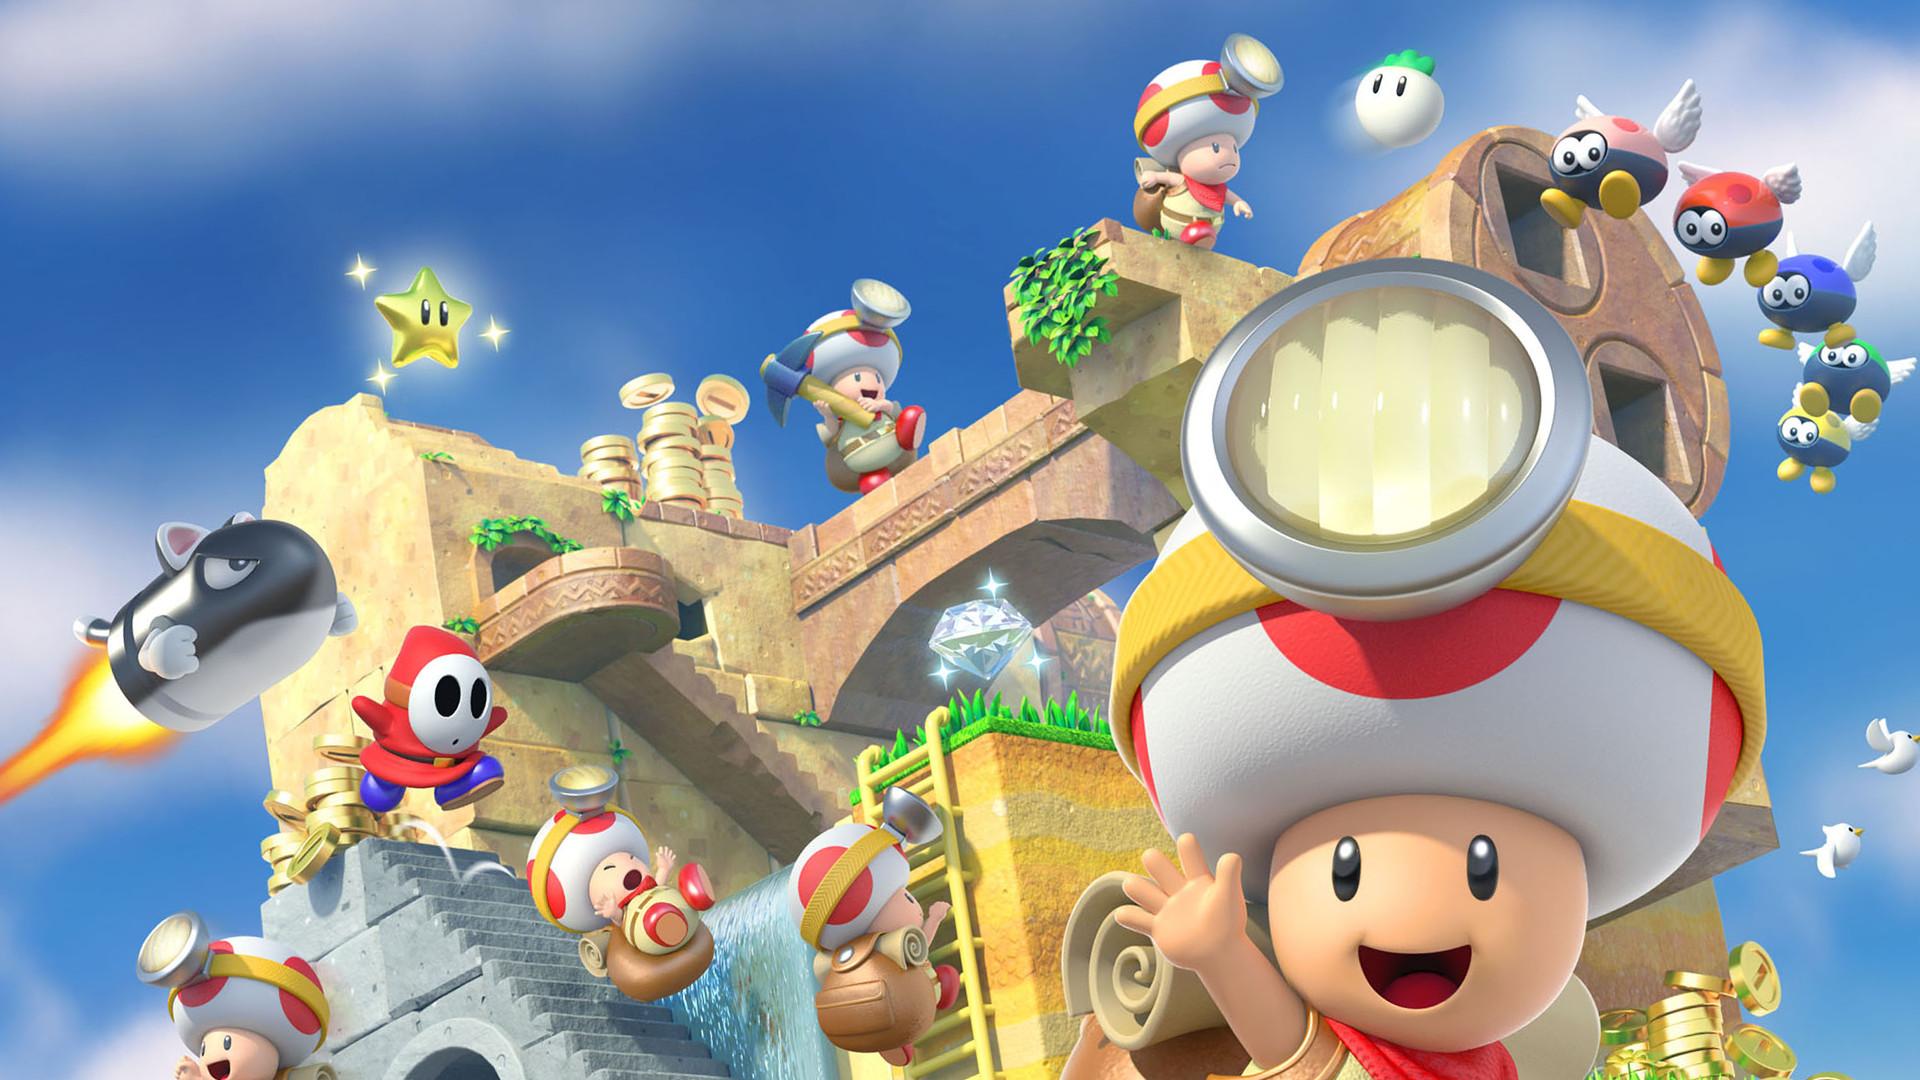 Sen recension av Captain Toad: Treasure Tracker